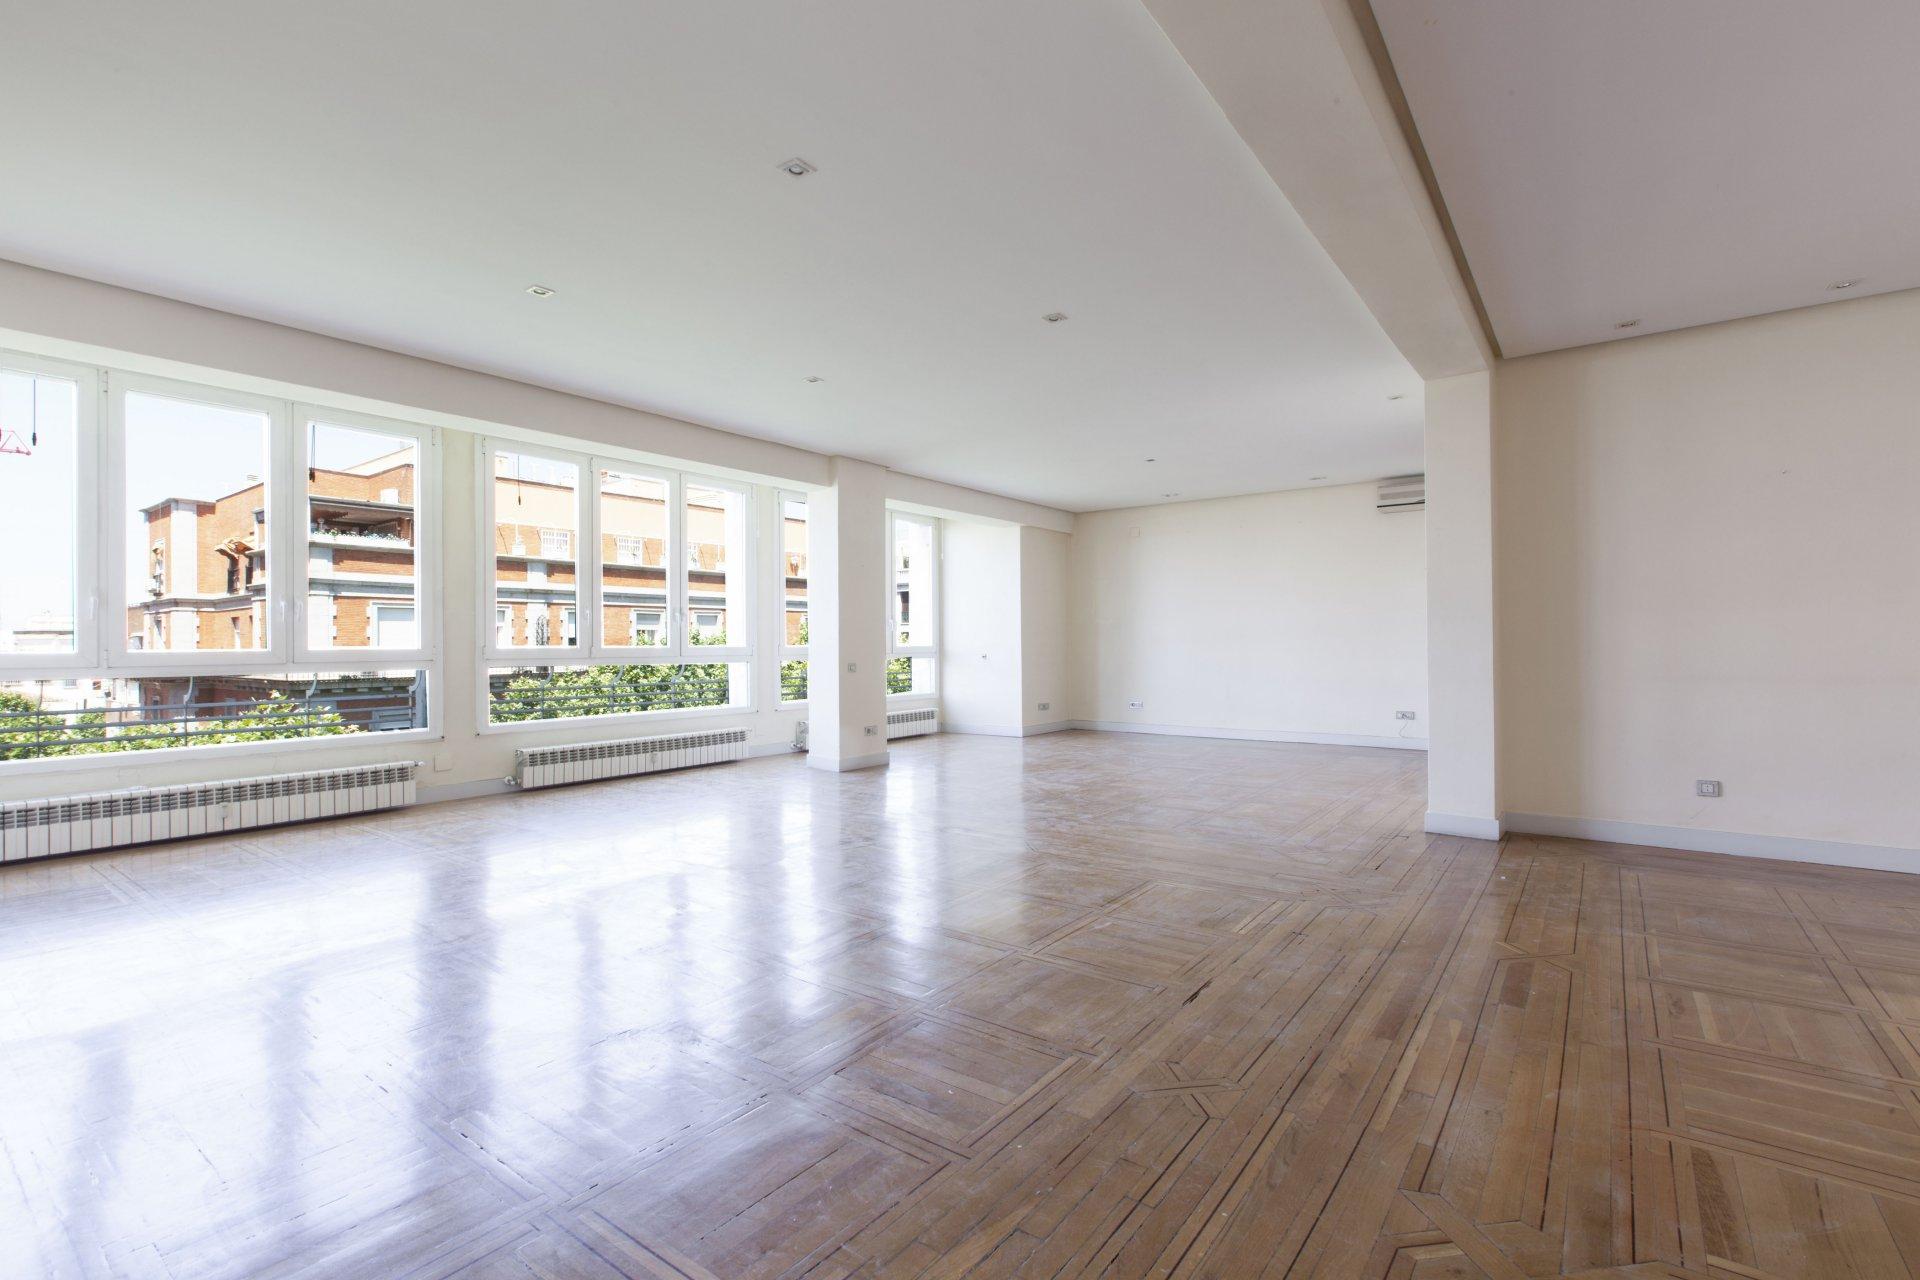 anuncio alquiler piso madrid recoletos 28001 john taylor ForAnuncio Alquiler Piso